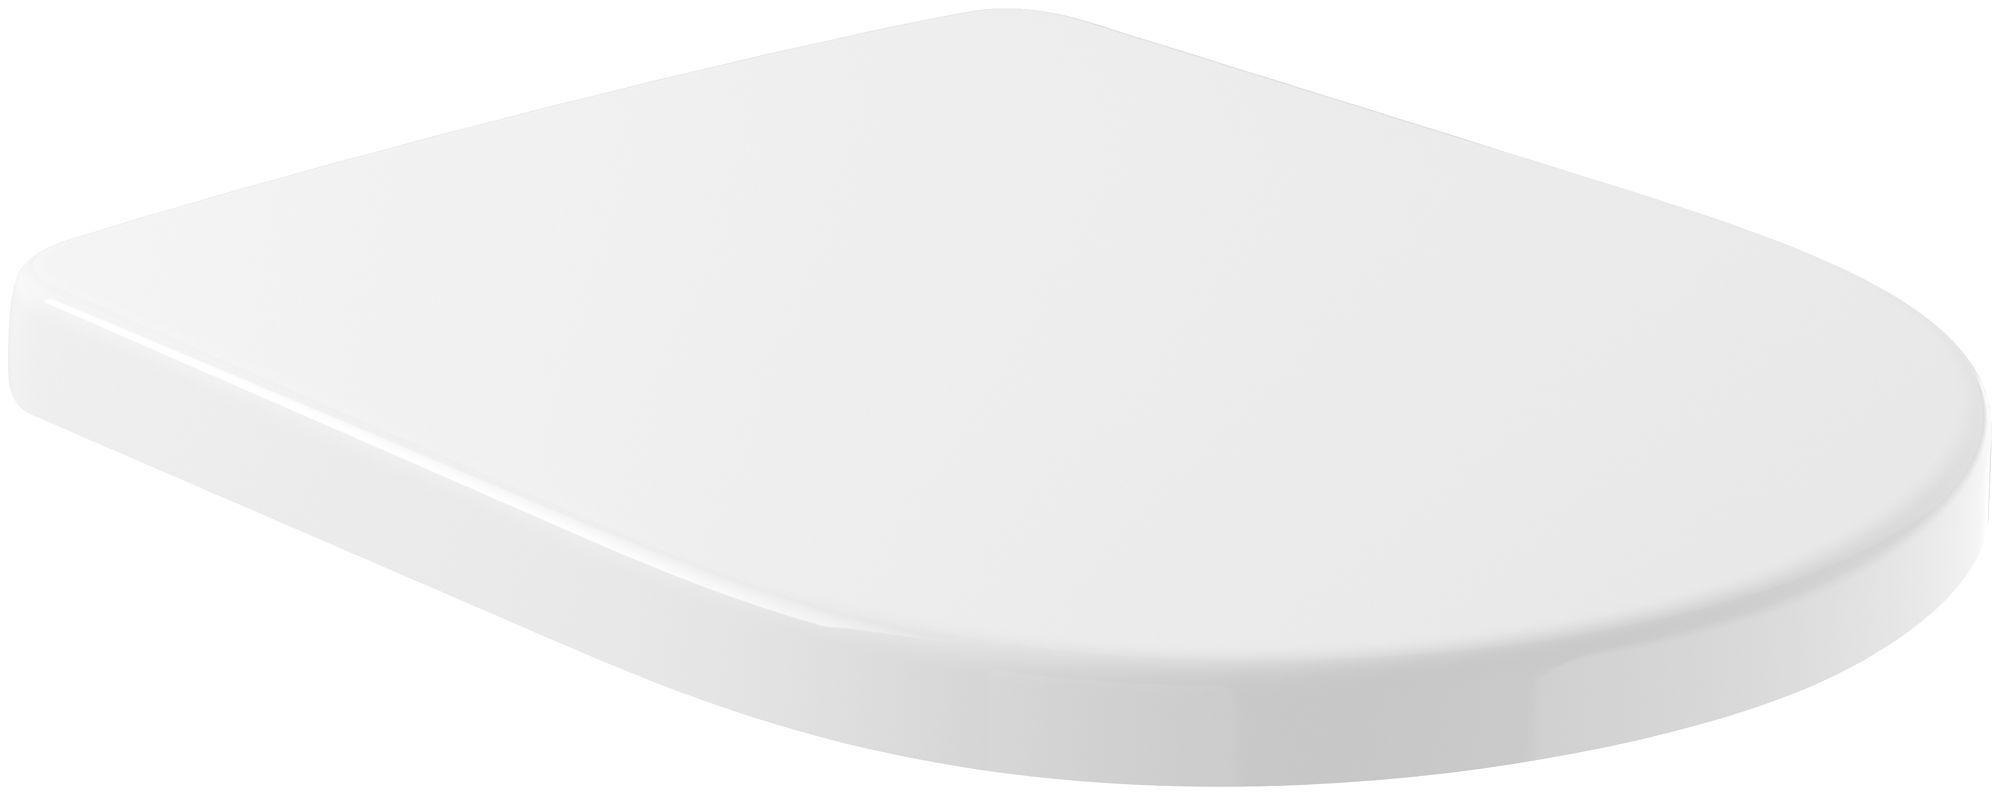 Villeroy & Boch Subway 2.0 Comfort WC-Sitz mit Absenkautomatik und Quick Release weiß 9M86S101